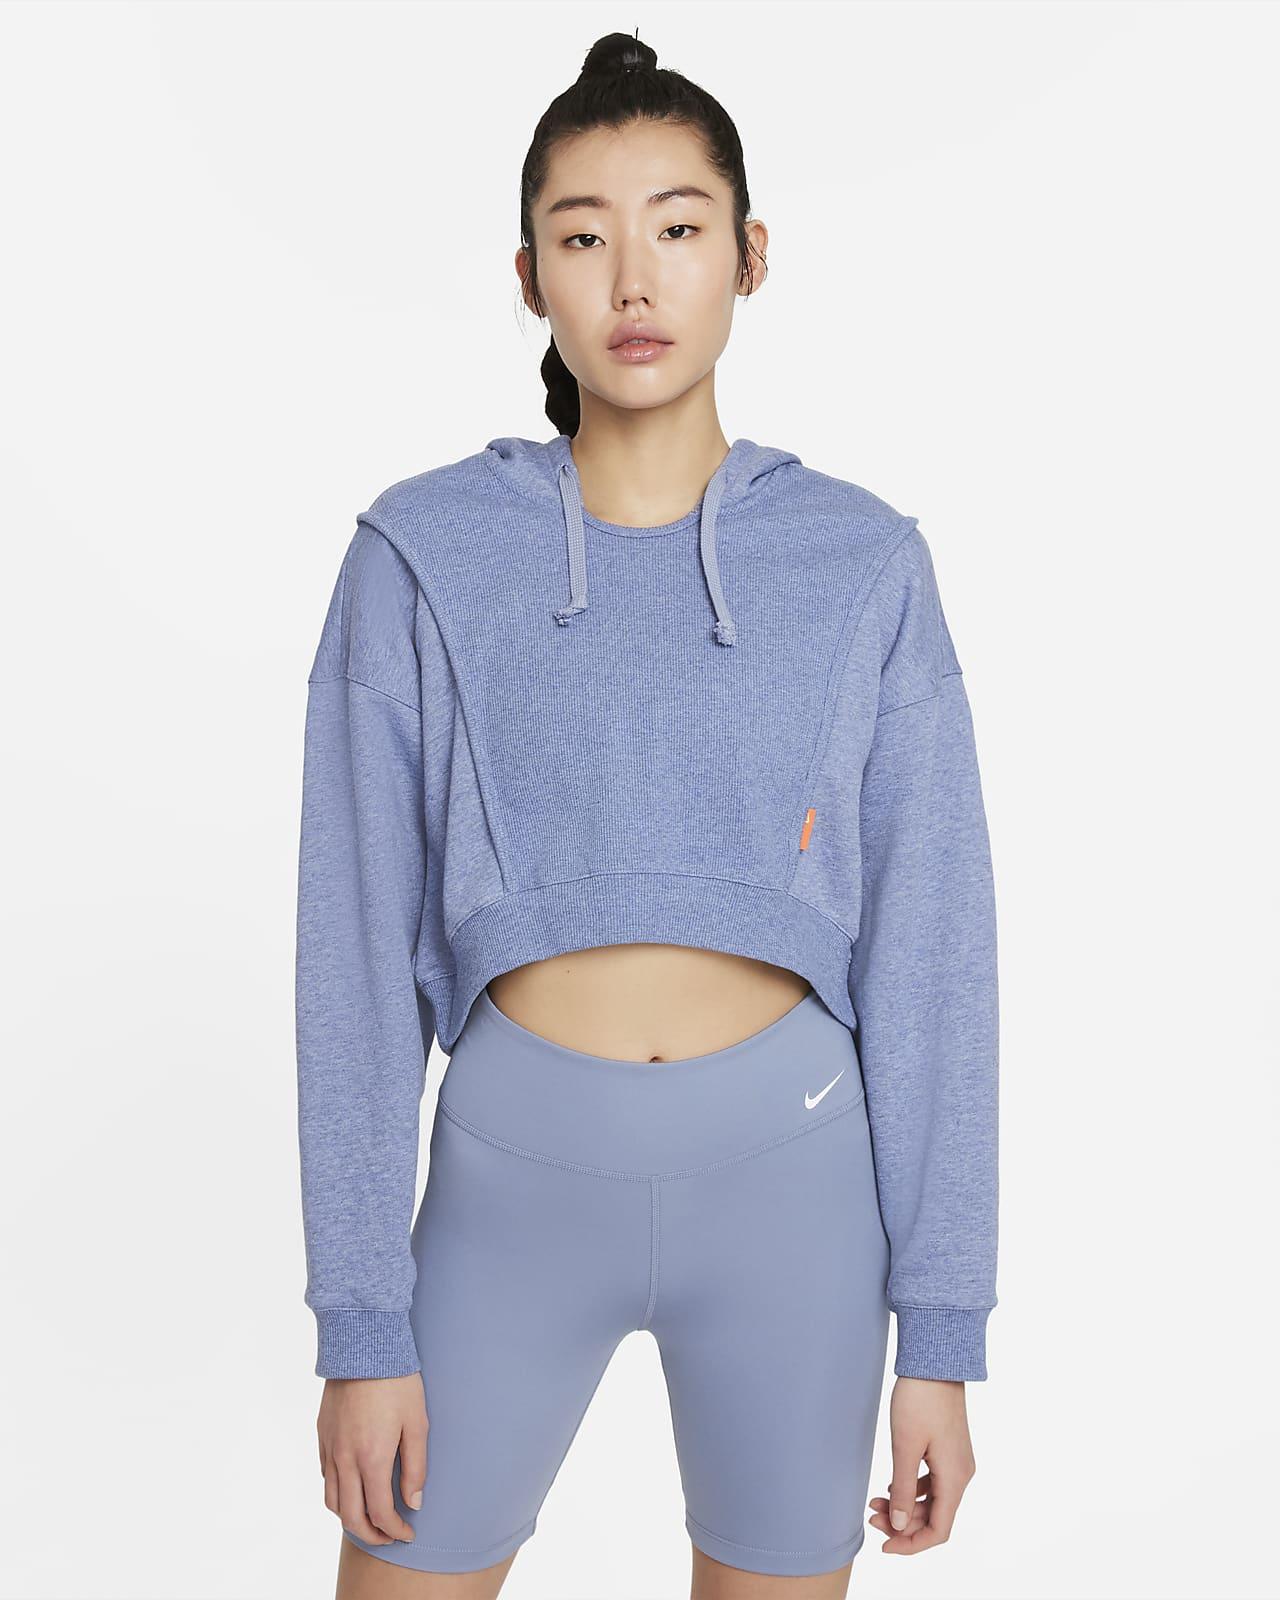 เสื้อเทรนนิ่งมีฮู้ดเอวลอยผ้าฟลีซผู้หญิง Nike Dri-FIT